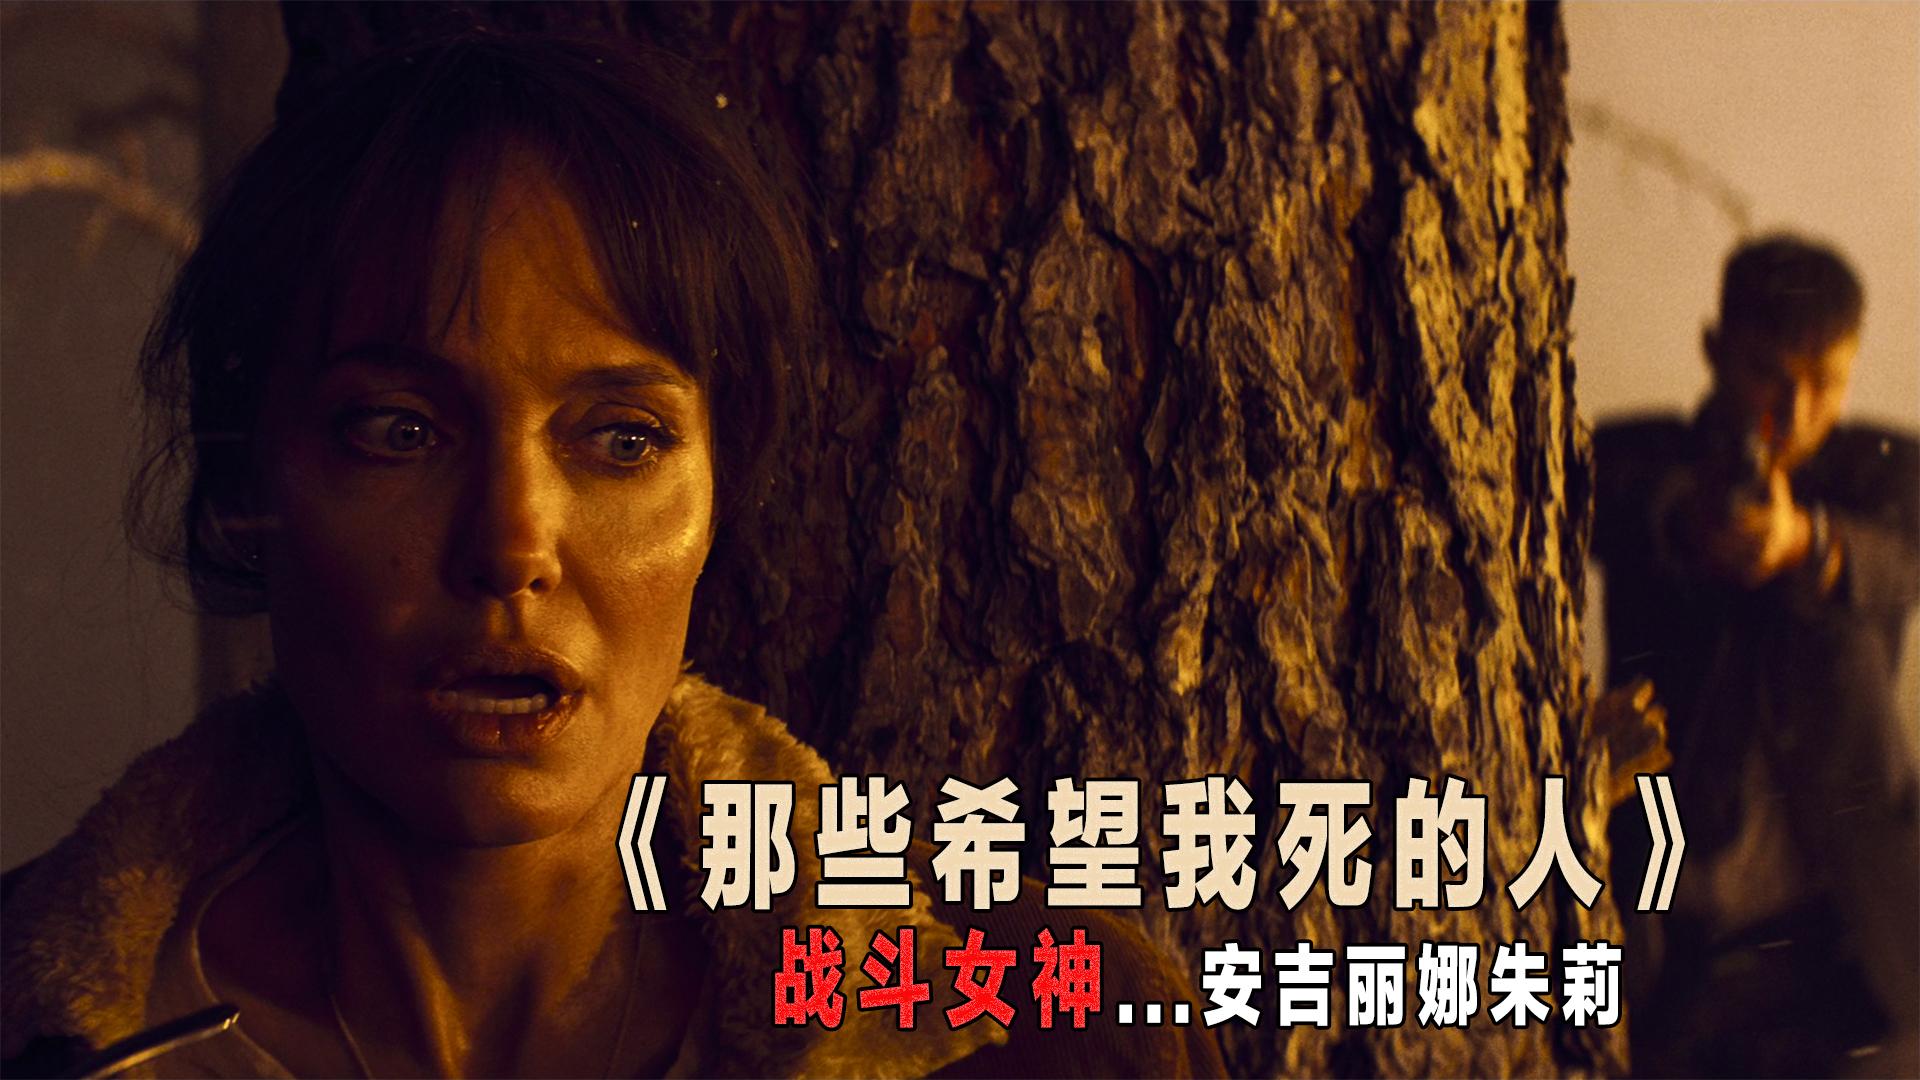 12分钟看完《古墓丽影》女主,2021动作新片《 盼我死者》